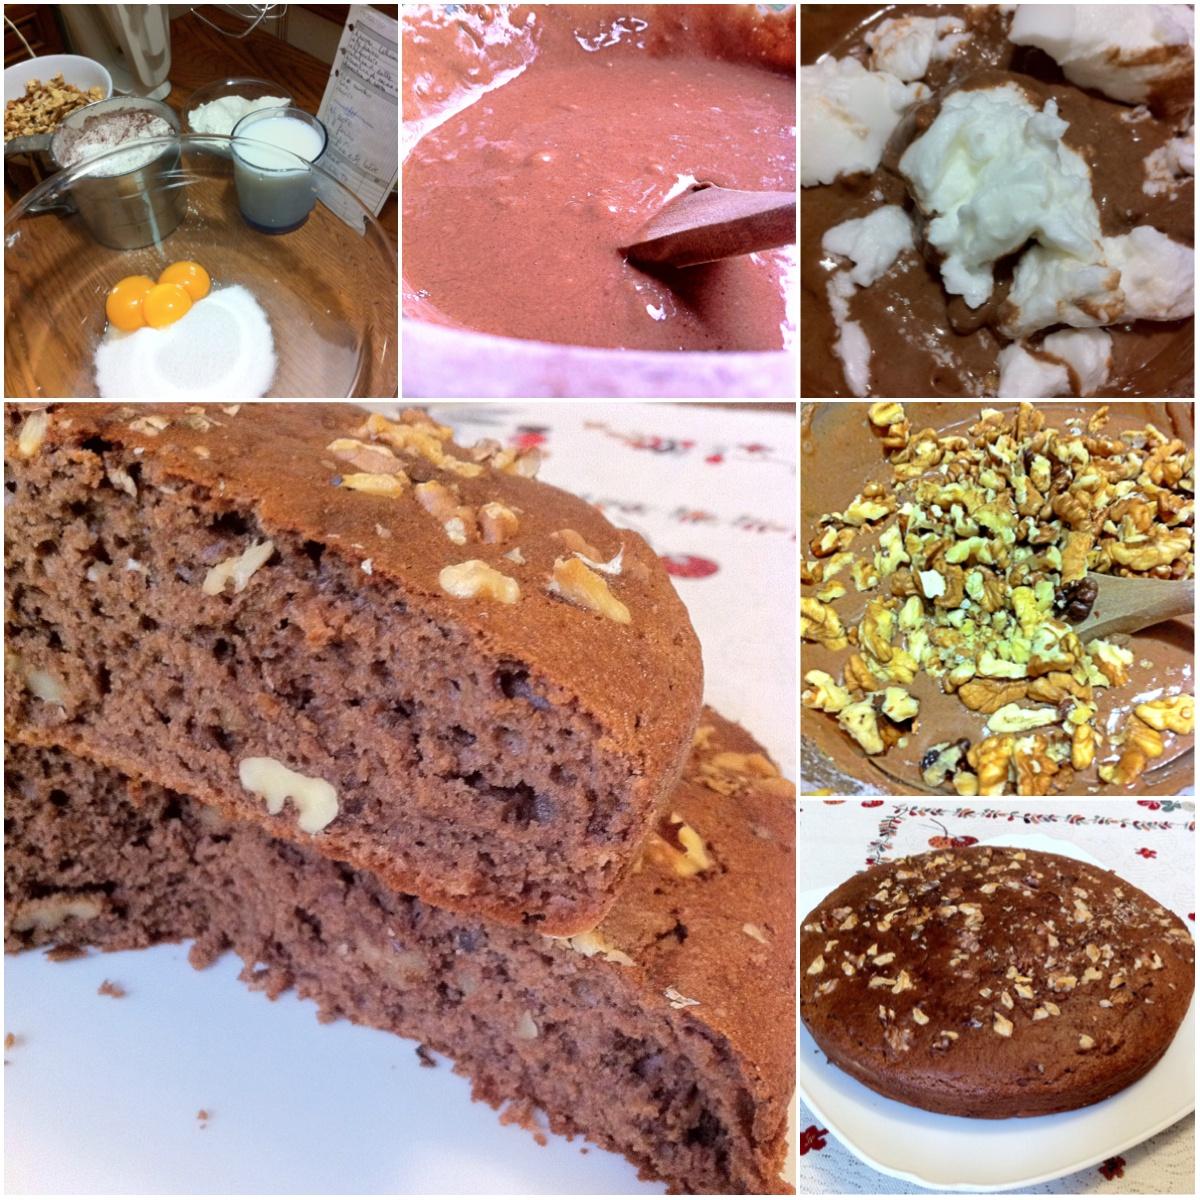 torta-alle-noci-2.JPG